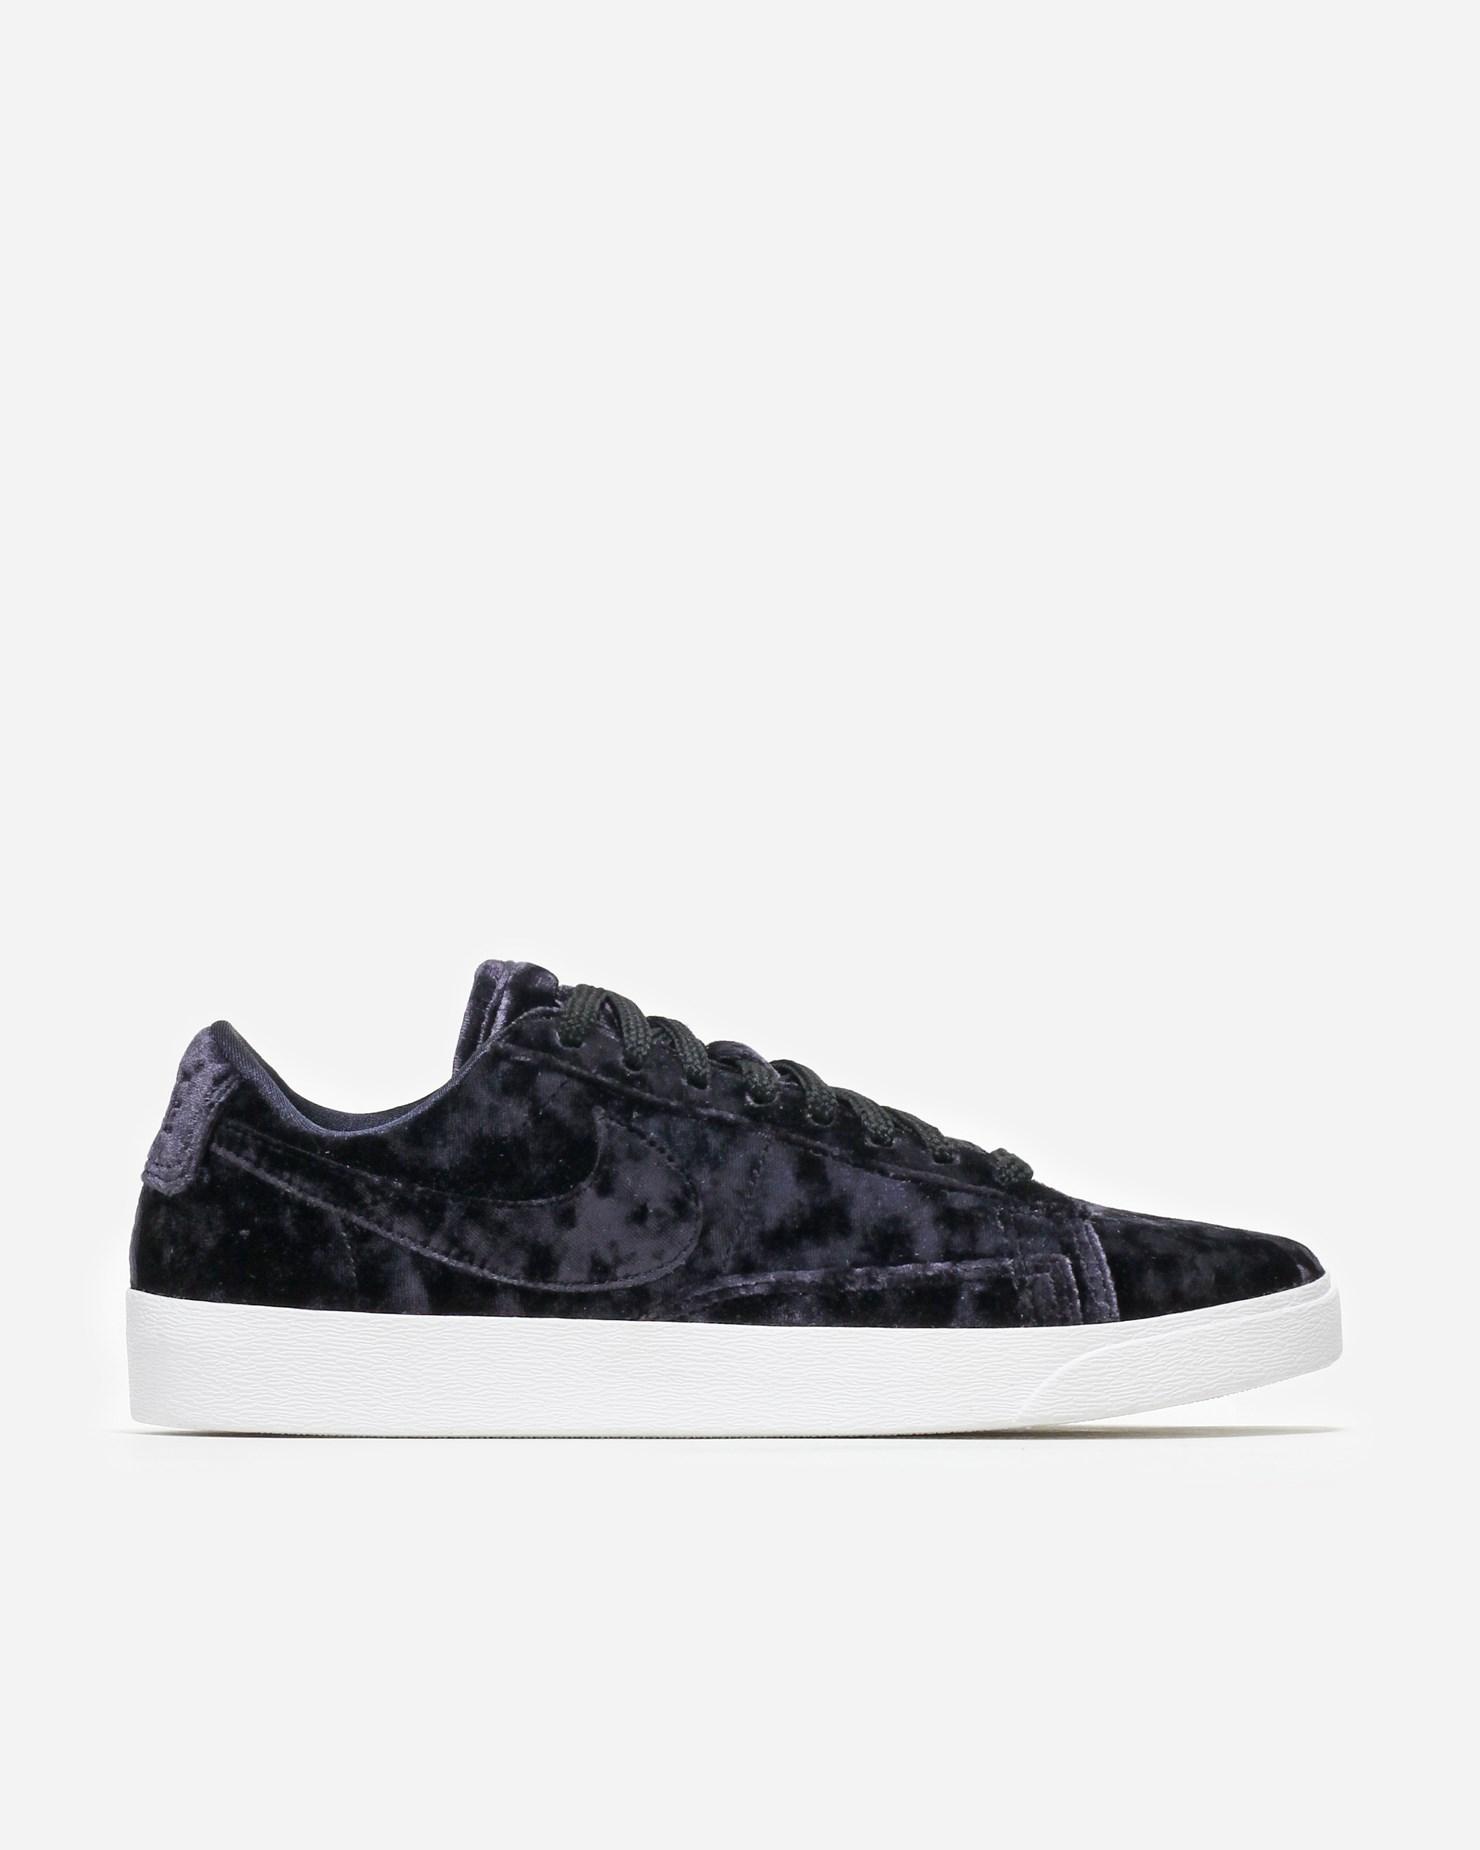 Nike Sportswear Blazer Low LX Black/Anthracite/White